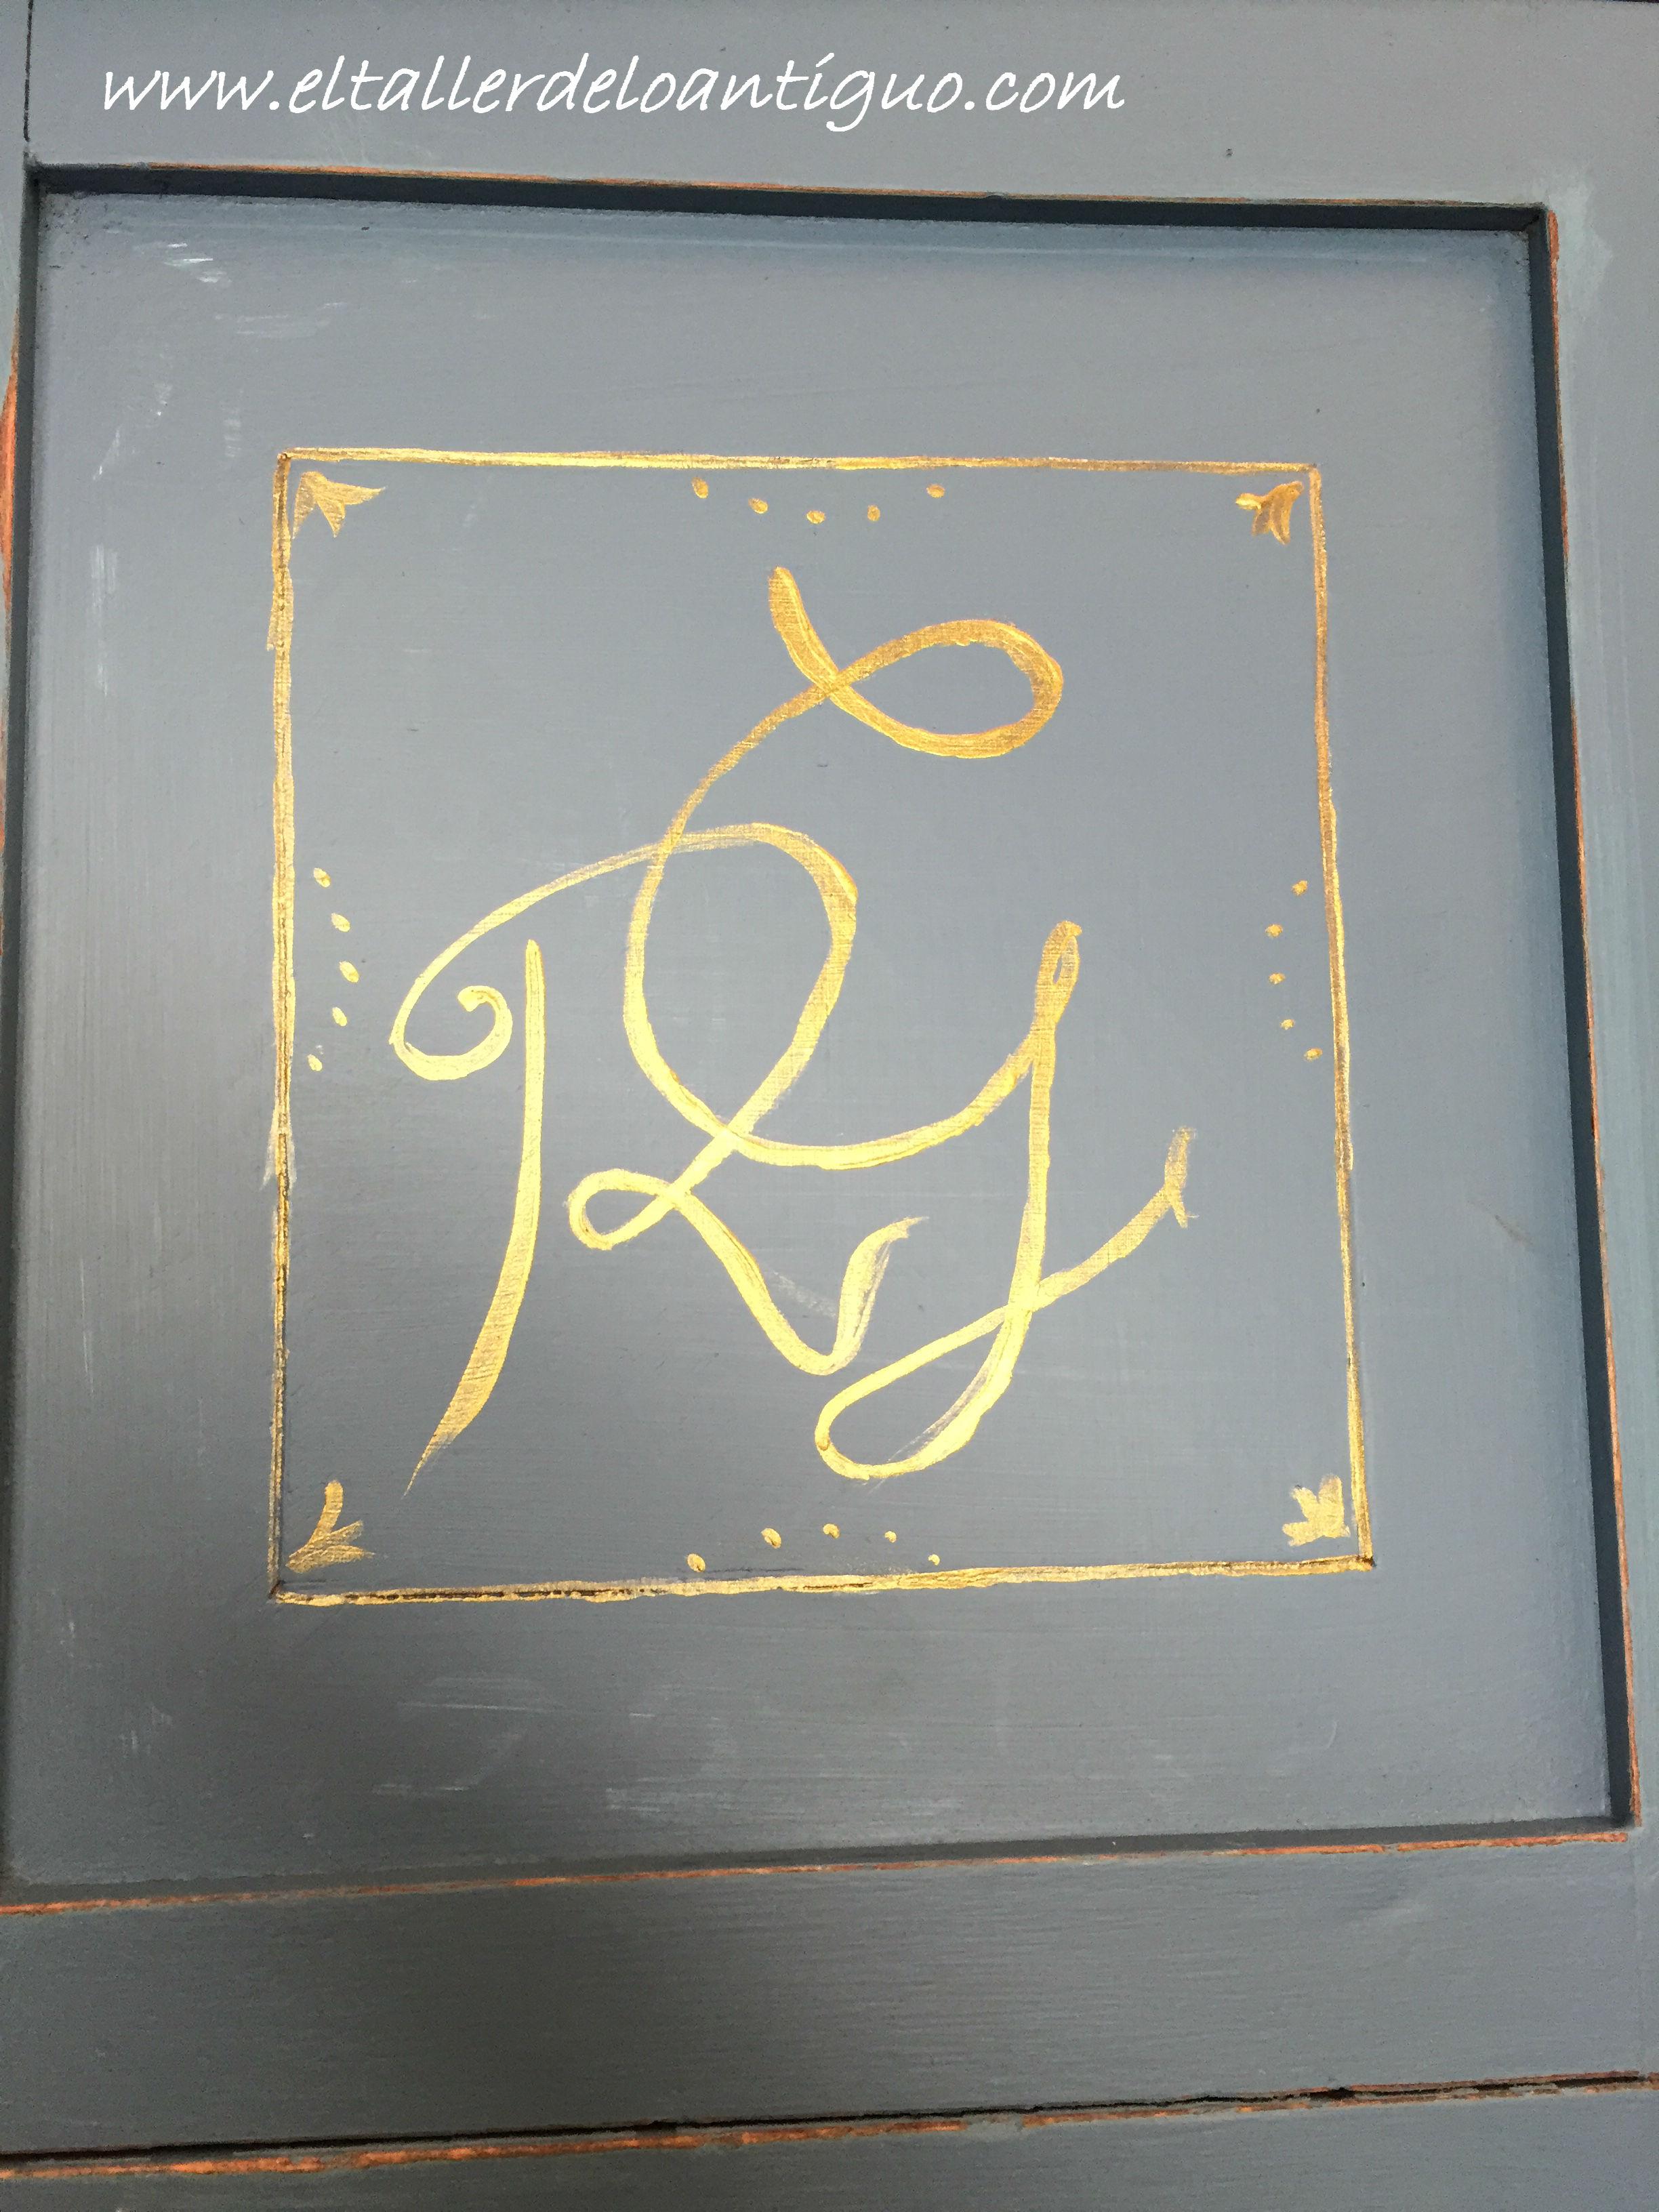 Pintar monogramas en muebles el taller de lo antiguo - Muebles naturales para pintar ...